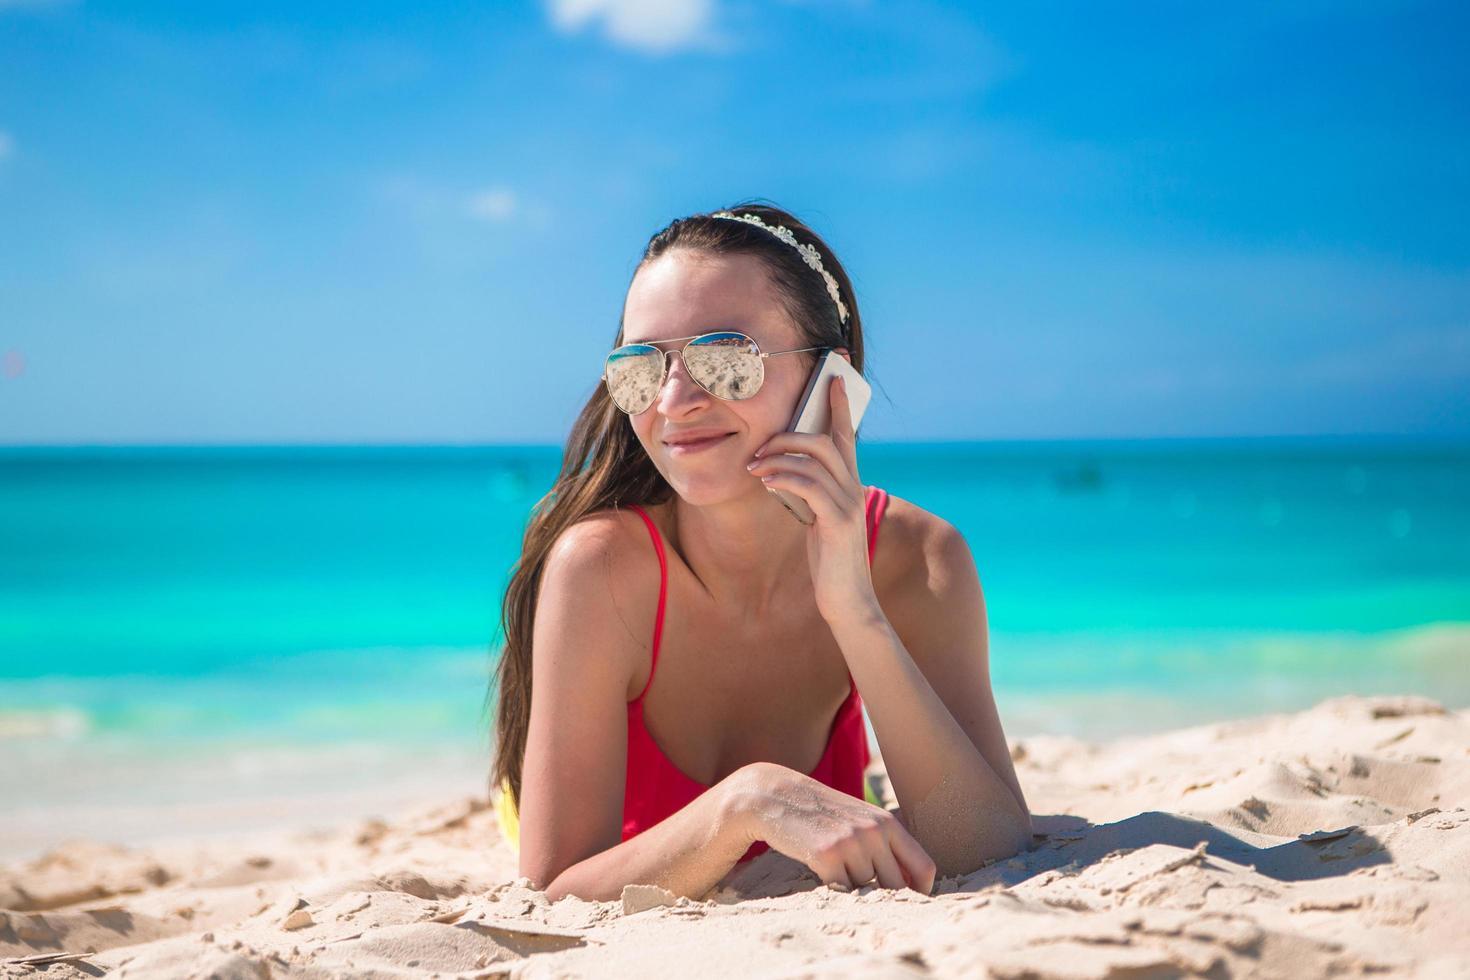 mujer acostada en la playa y hablando por su teléfono foto